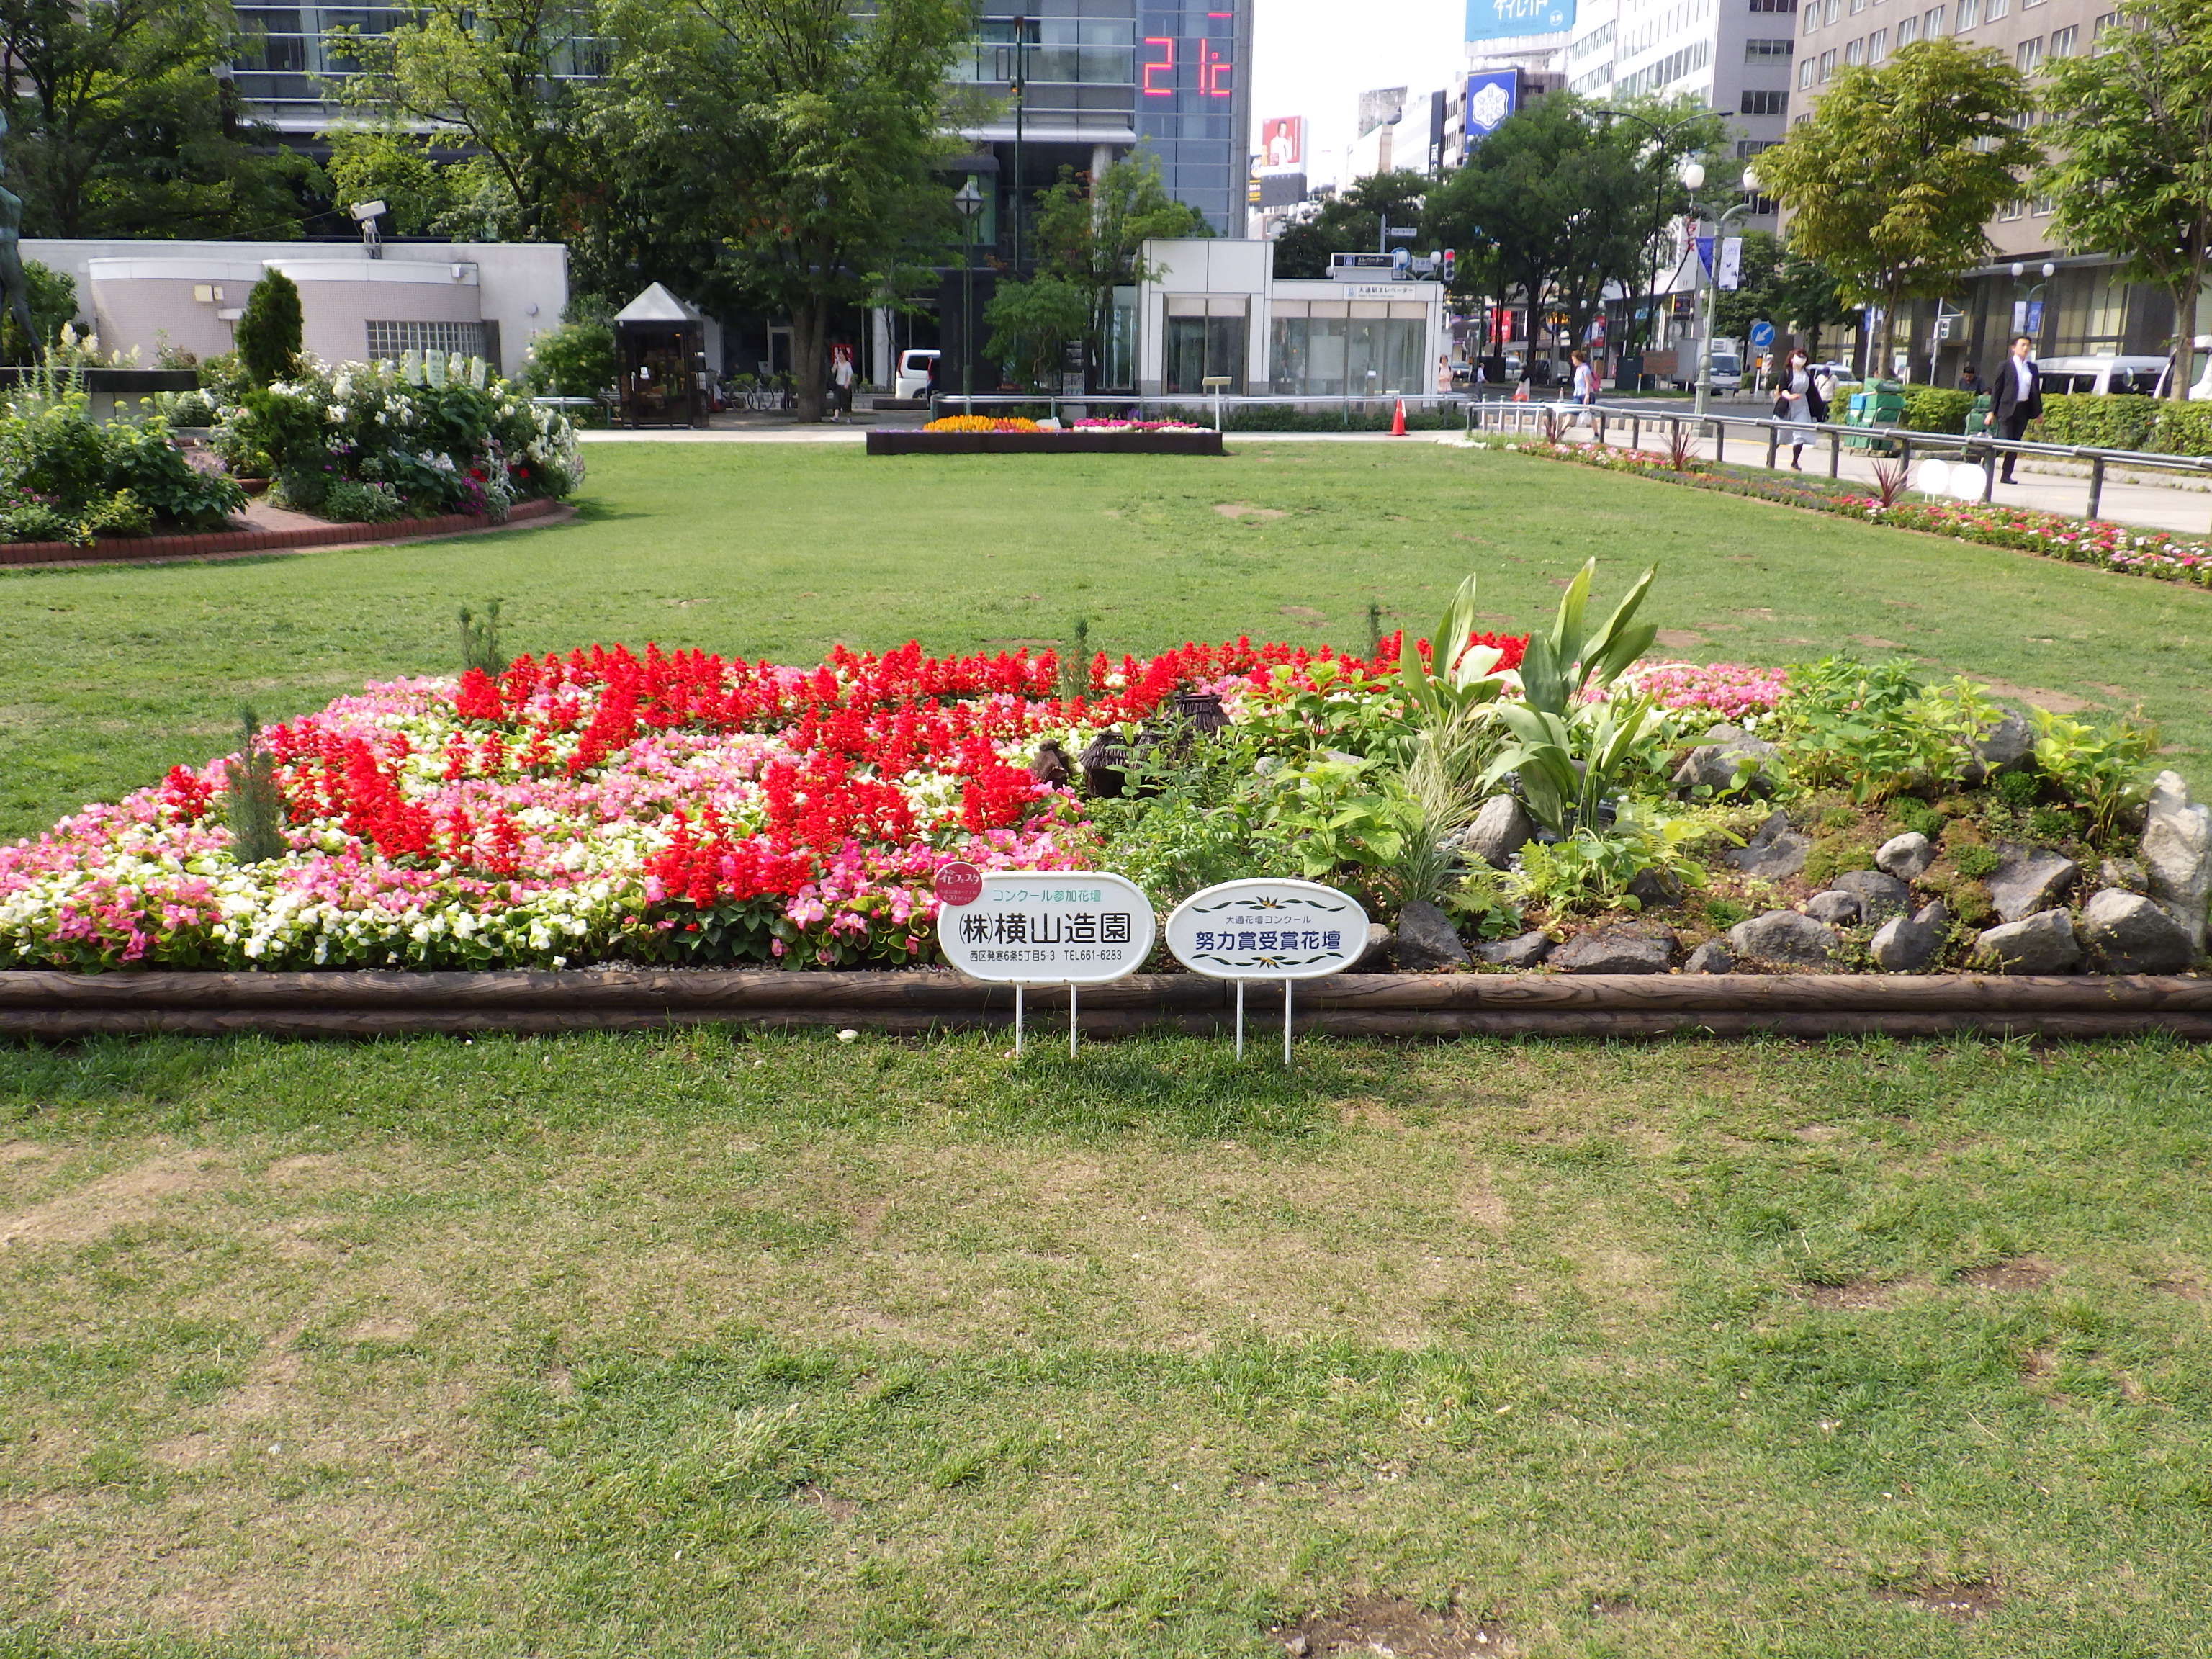 令和元年の花壇コンクール受賞花壇9